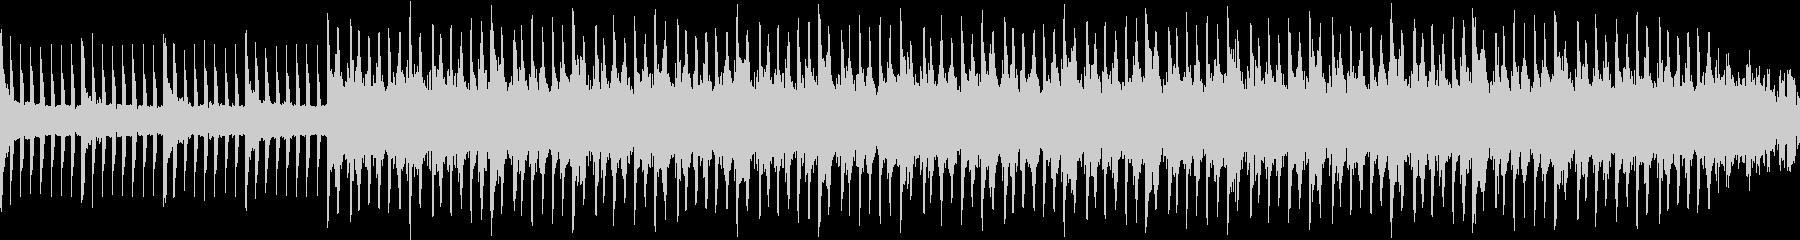 ピアノとシンセの落ち着いたループ曲の未再生の波形